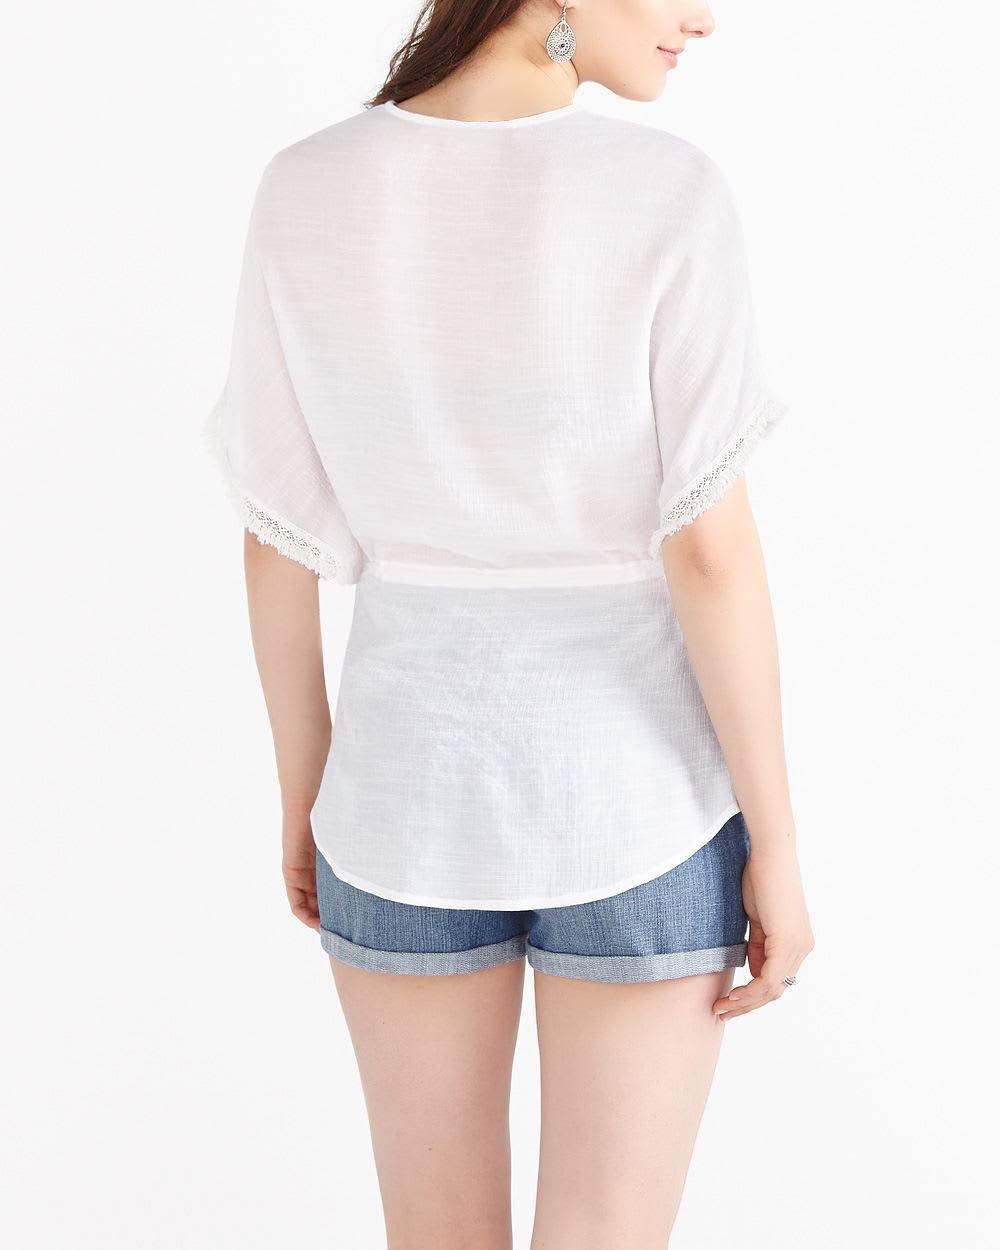 White Poncho Blouse 62